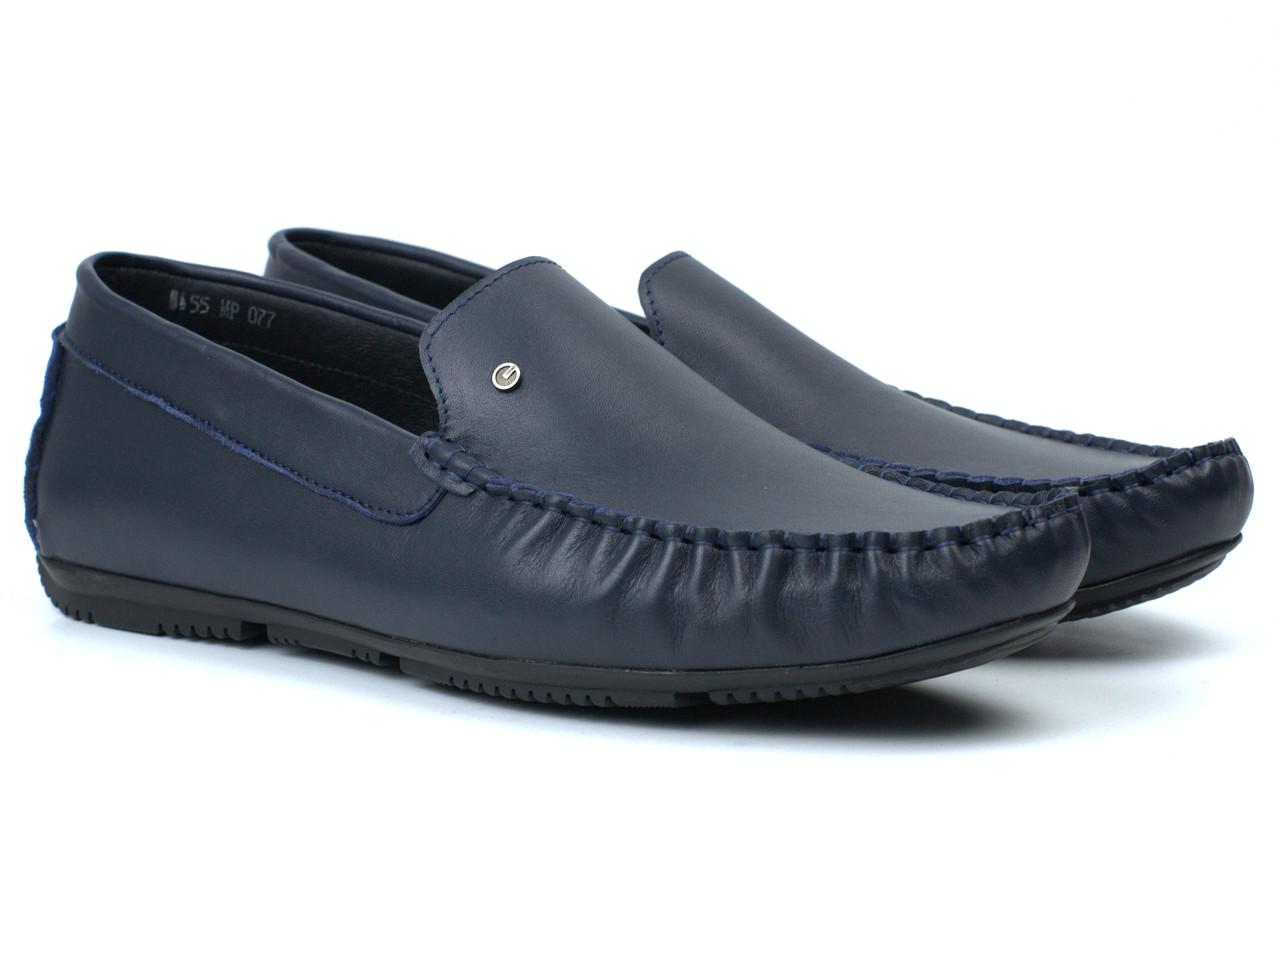 Мокасины мужские кожаные синие стильные обувь больших размеров Rosso Avangard M4 Blu Leather BS